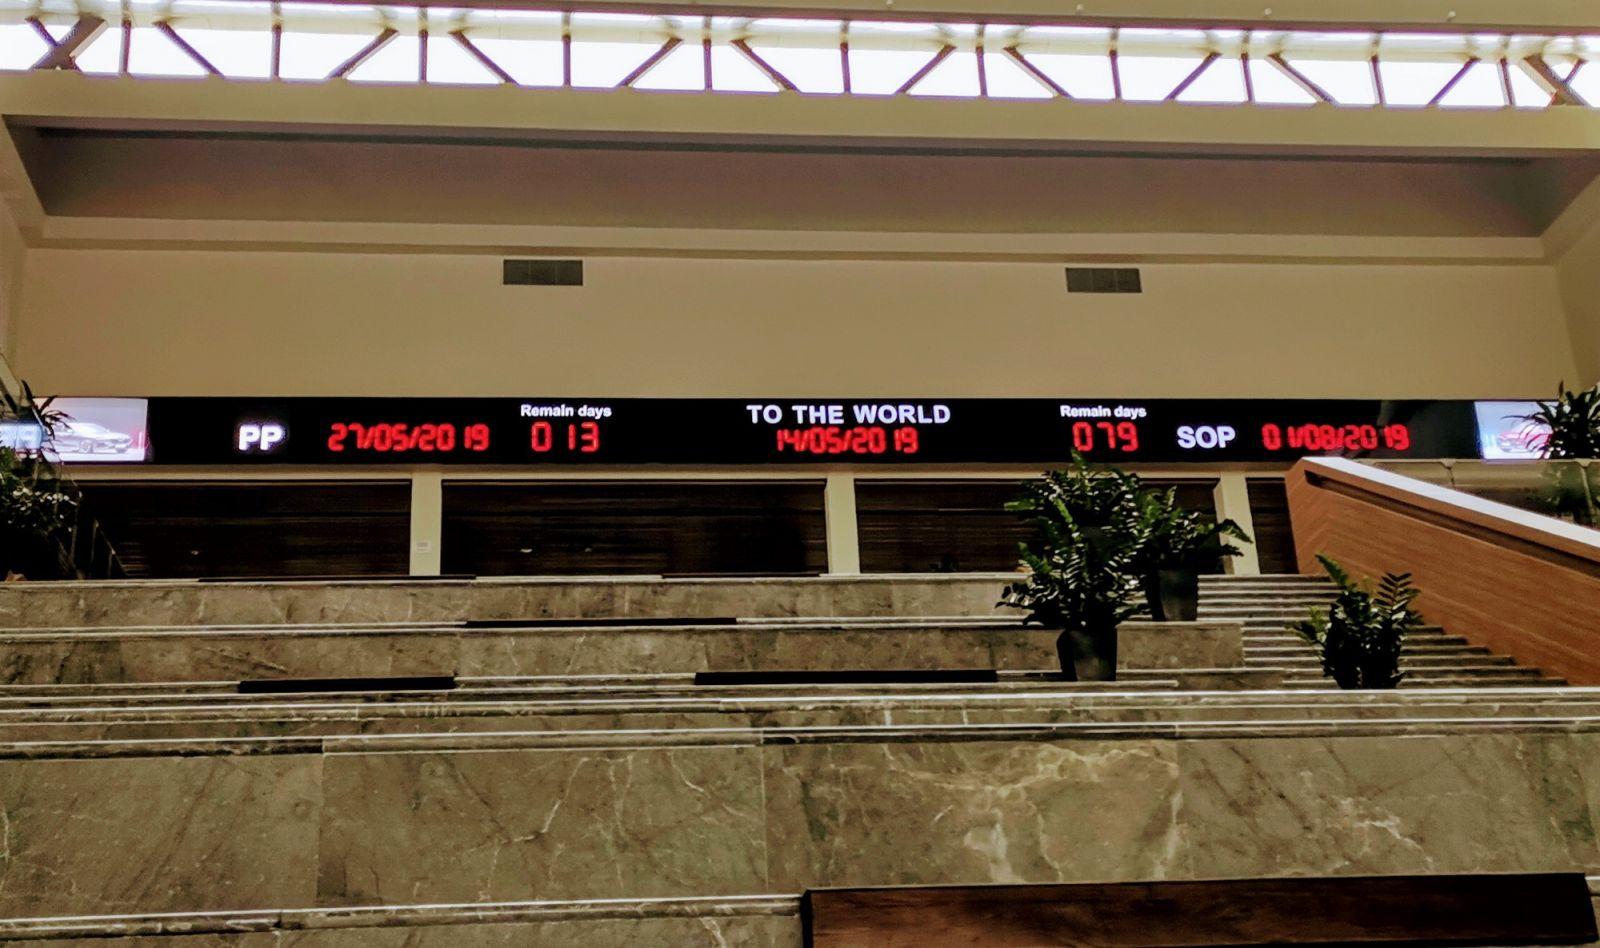 Đồng hồ đếm ngược tại sảnh chính của nhà máy VinFast